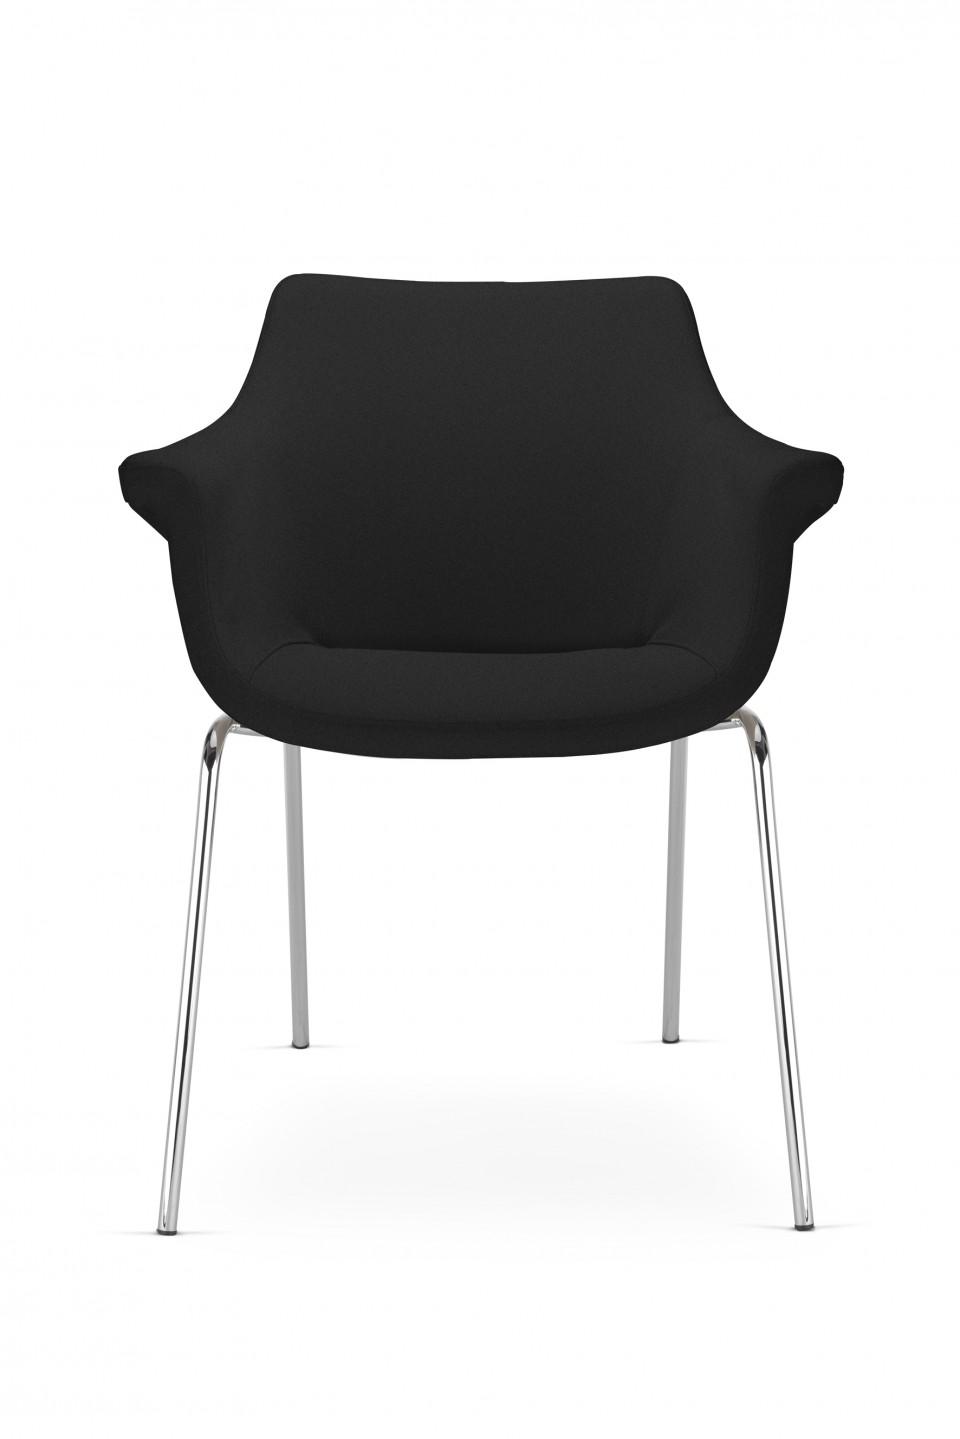 fauteuil d 39 accueil kalinka achat fauteuils d 39 accueil. Black Bedroom Furniture Sets. Home Design Ideas